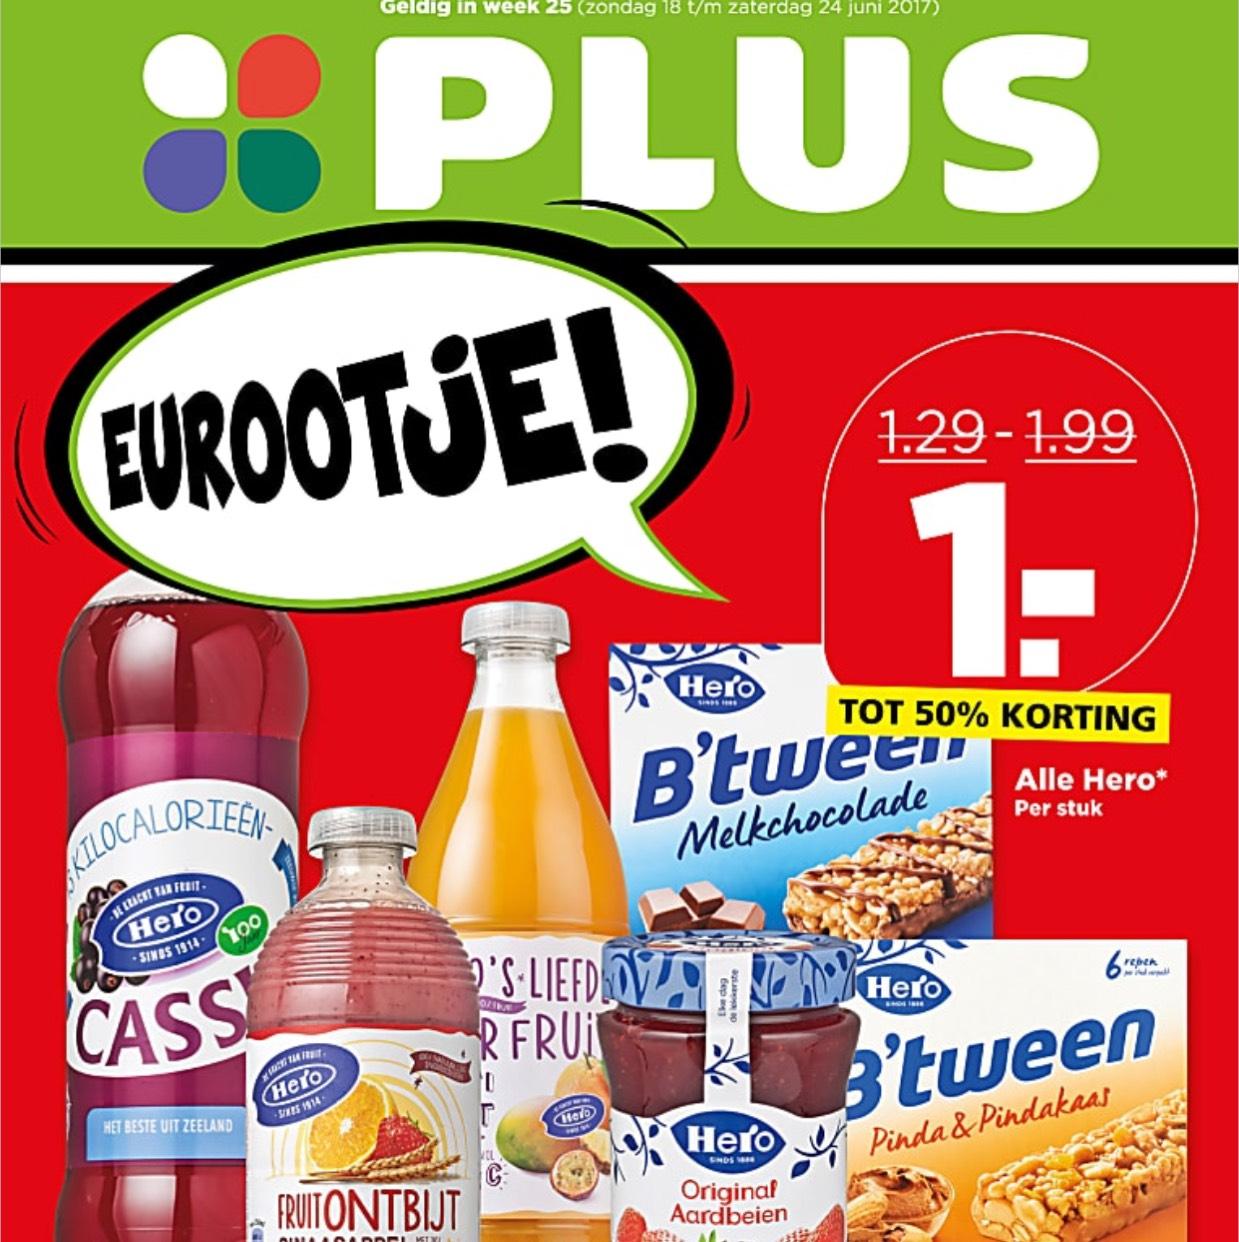 Meer dan 100 aanbiedingen voor € 1,- @PLUS